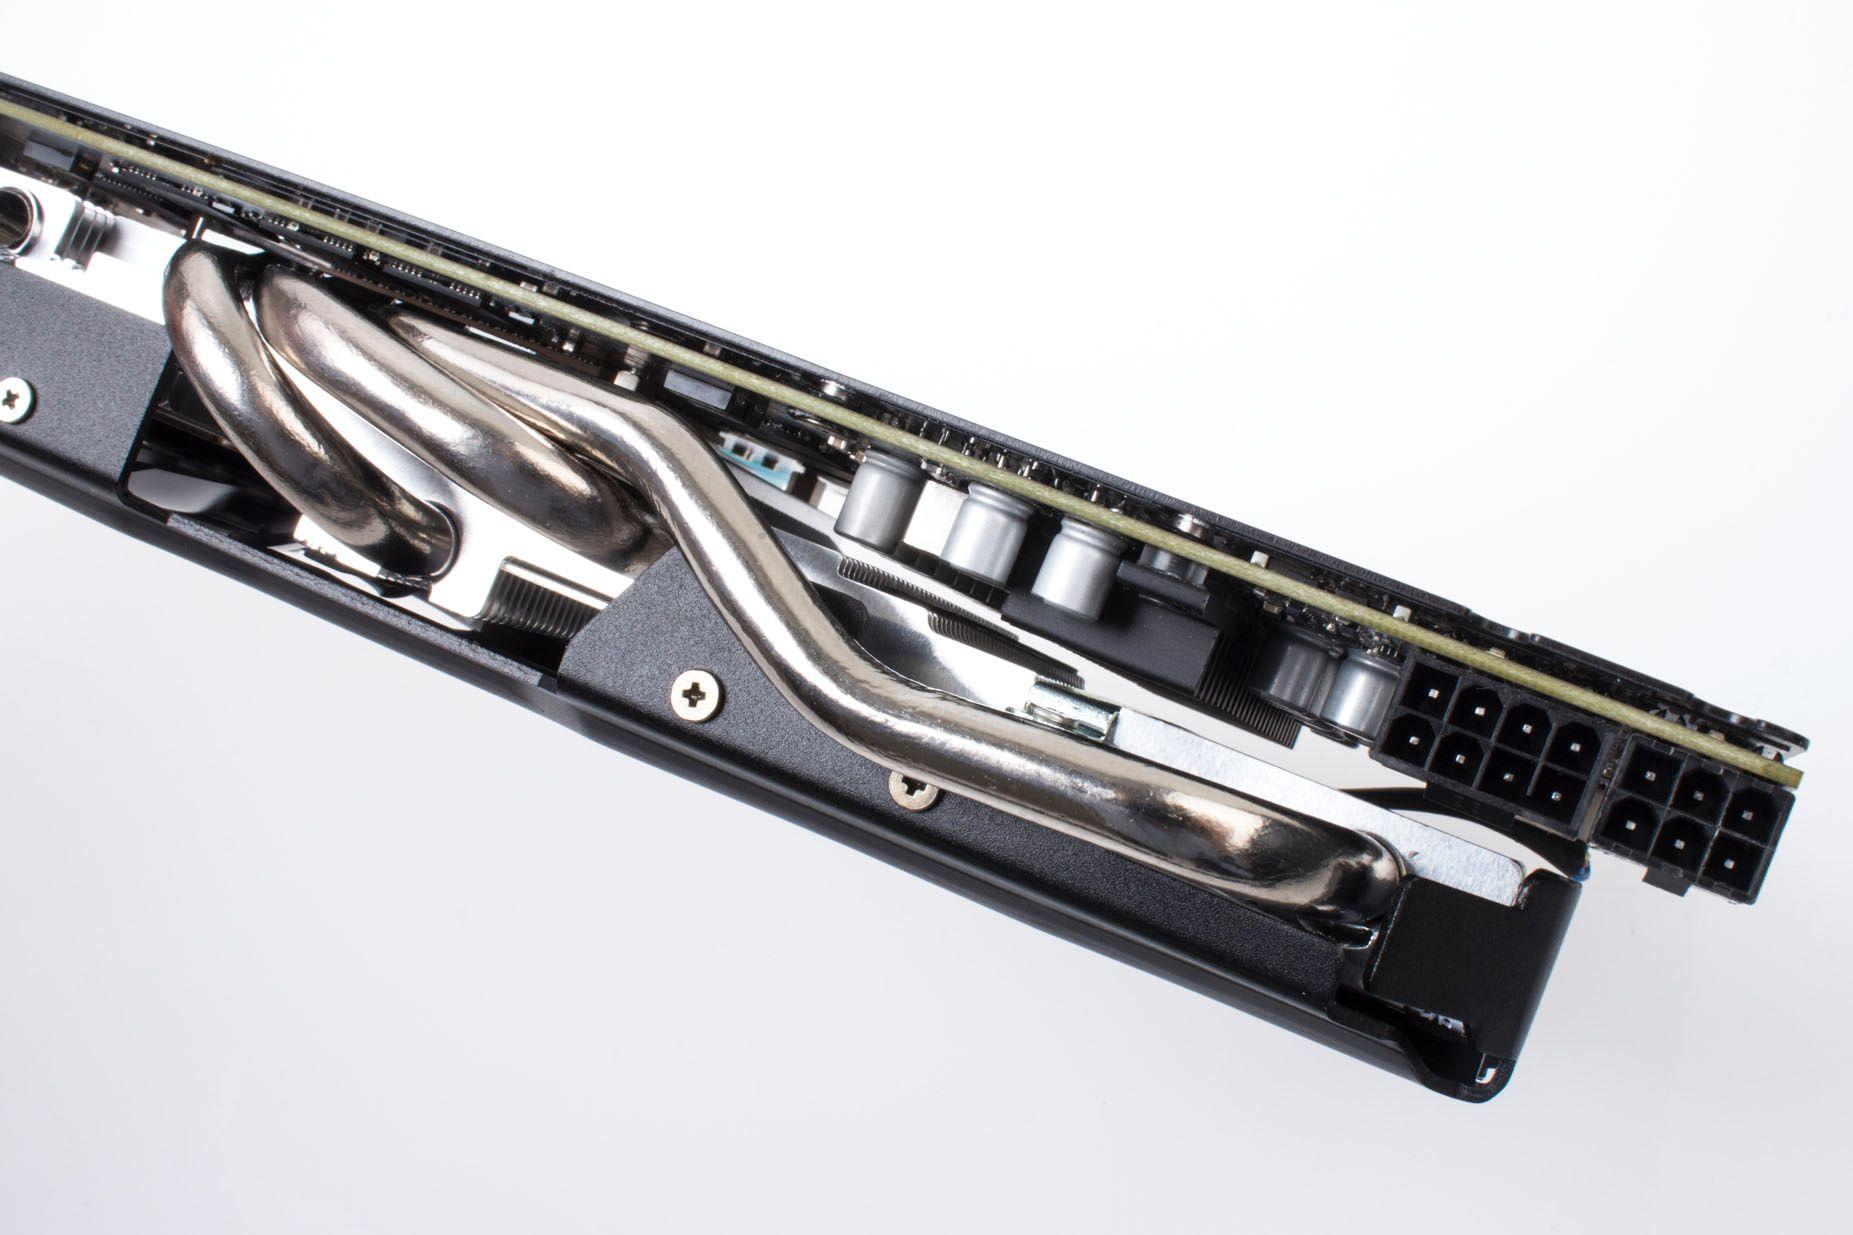 Asus GeForce GTX 770 DirectCU II OC: Solide kjølerør, men helt vanlig kraftbehov.Foto: Varg Aamo, Hardware.no